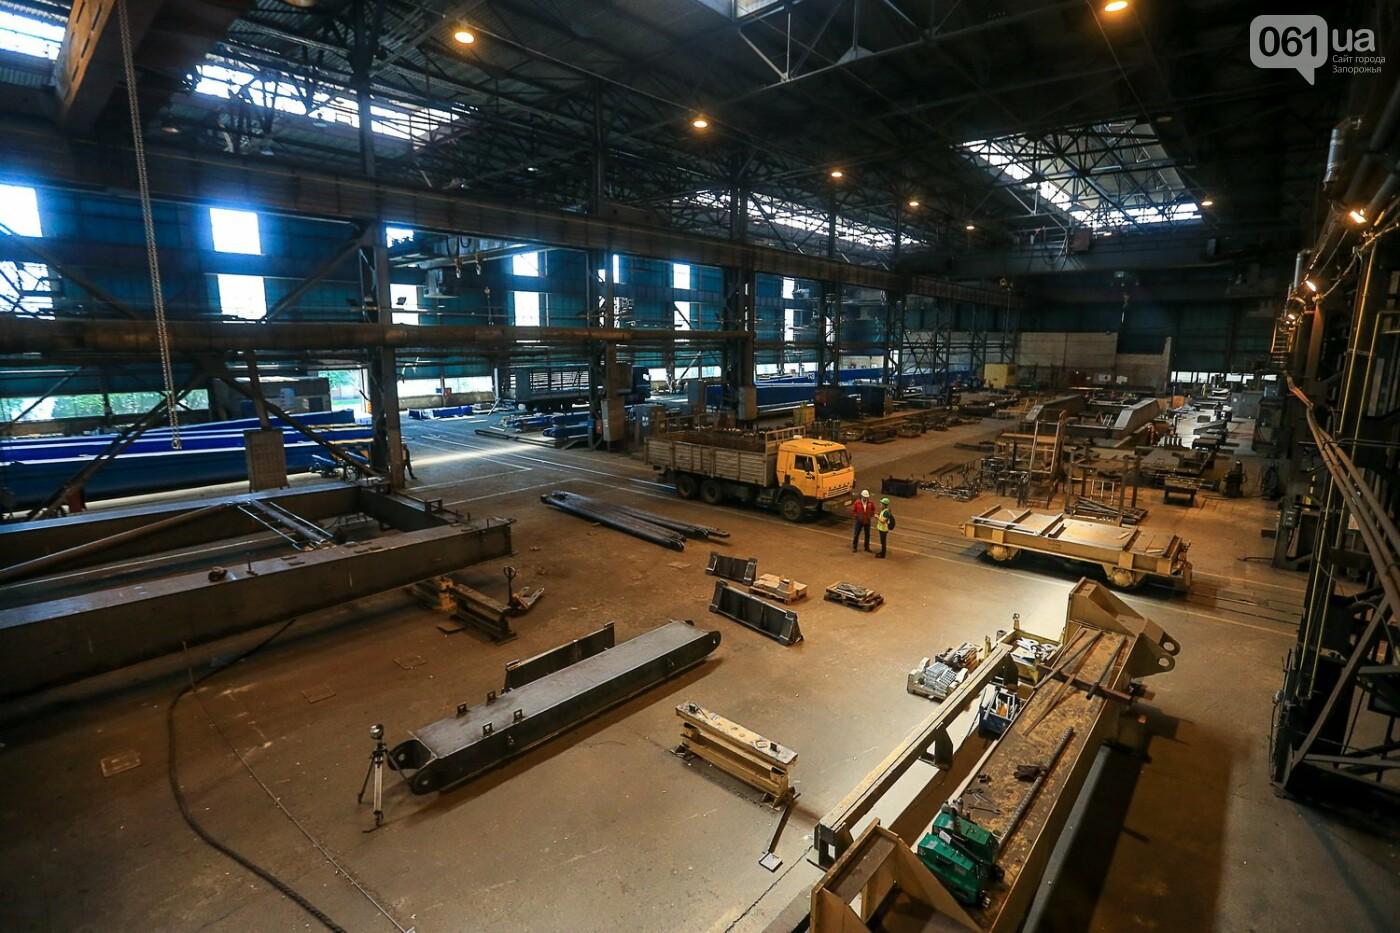 Как в Запорожье работает крупнейший в Европе завод по производству кранов: экскурсия на производство, — ФОТОРЕПОРТАЖ, фото-23